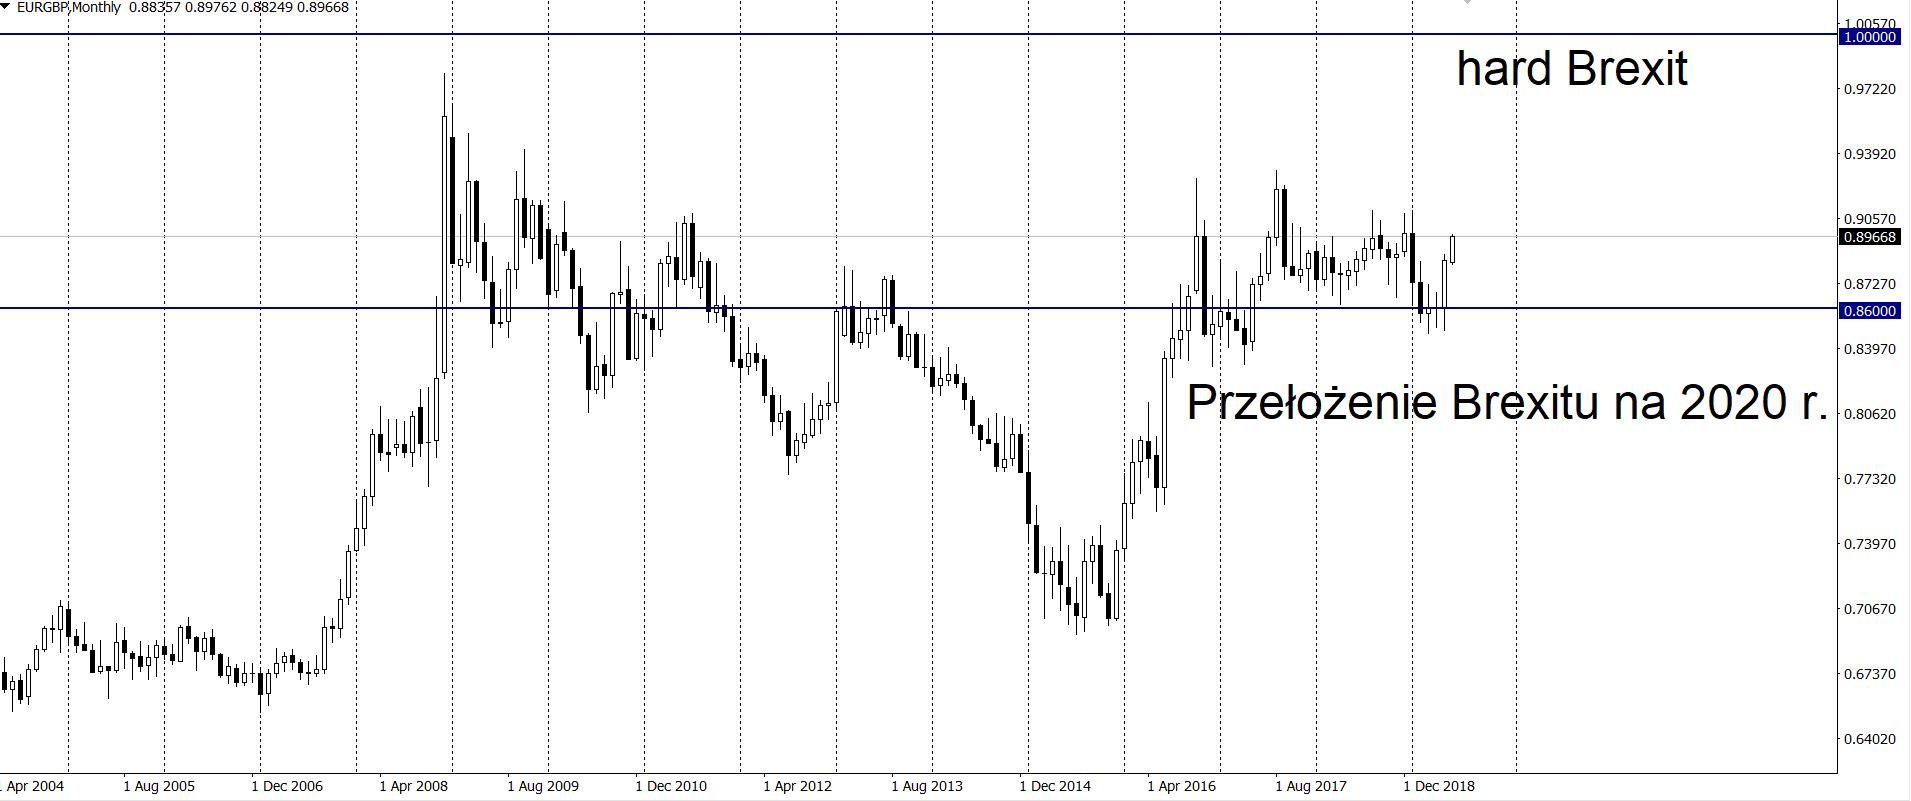 Kurs euro do funta w środę na interwale dziennym 26 6 19